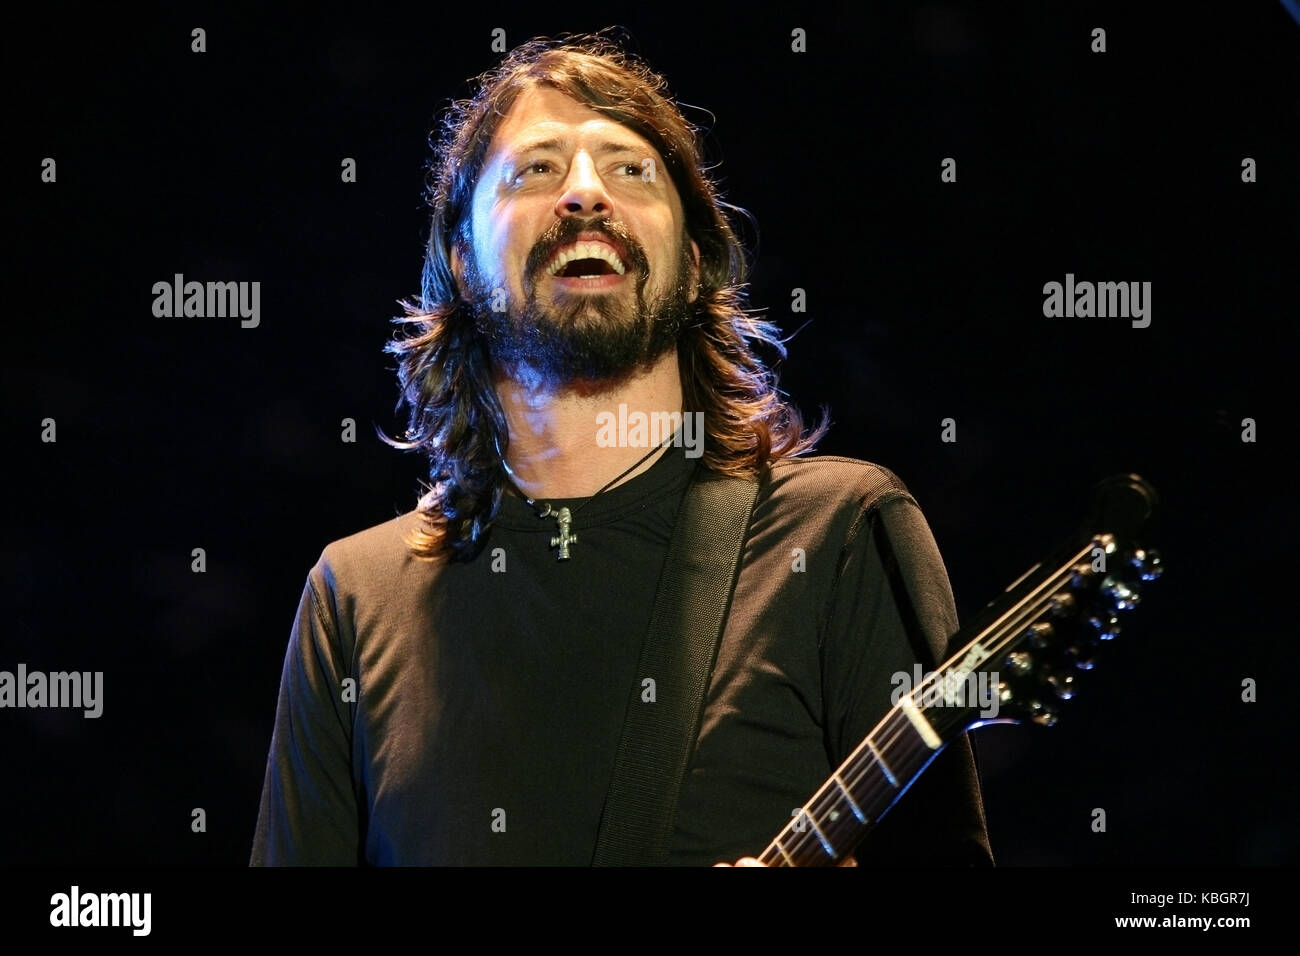 Dave Grohl, en live avec les Foo Fighters, V2007, Hylands Park, Chelmsford, 18 août 2007 Banque D'Images